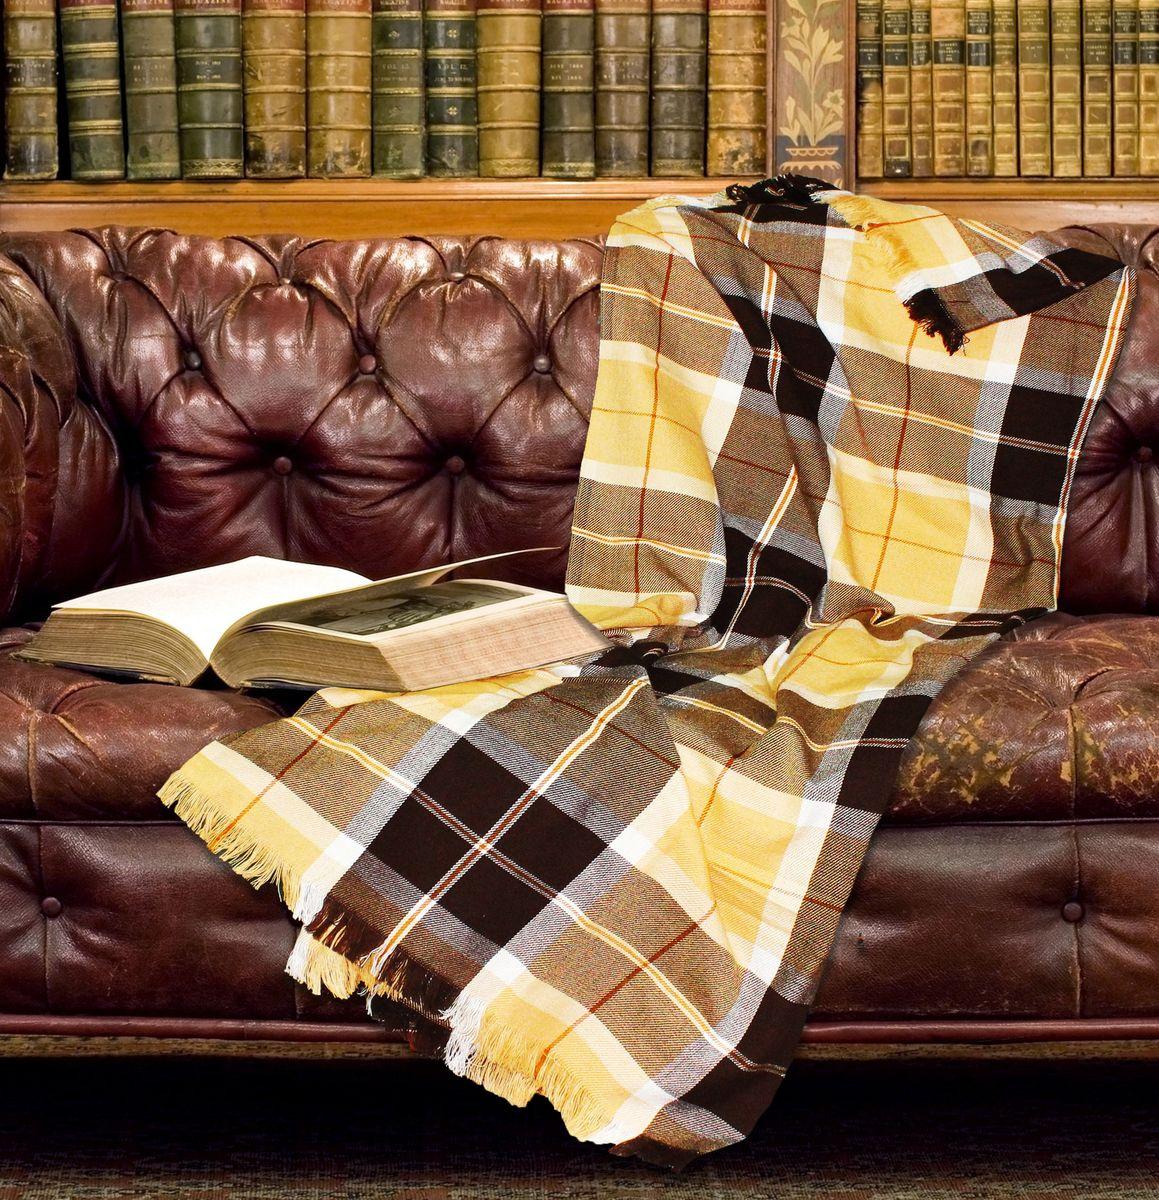 Плед Amore Mio Richard, 140 х 200 см. 7461774617Пледы Scotland Amore Mio – Комфорт и Уют - Каждый день! Amore Mio-Разнообразие ярких и современных дизайнов прослужат не один год и всегда будут радовать Вас и Ваших близких сочностью красок и красивым рисунком. Пледы Amore Mio Подарят Вам нежность жаркими летними ночами, теплоту и комфорт прохладными зимними вечерами. Пледы Scotland Amore Mio - легкое, универсальное тканое изделие, с кистями. Пряжей для выработки послужил 100% Акрил. Не зря в народе за акрилом закрепилось имя искусственной шерсти. Потому, что акриловое волокно, на самом деле великолепно удерживает тепло, оно практично и долговечно, оно отлично окрашивается и быстро сохнет. Еще одно преимущество в цене, так как по факту акрил значительно дешевле натуральной шерсти. В ассортименте широкий размерный ряд, разнообразные дизай